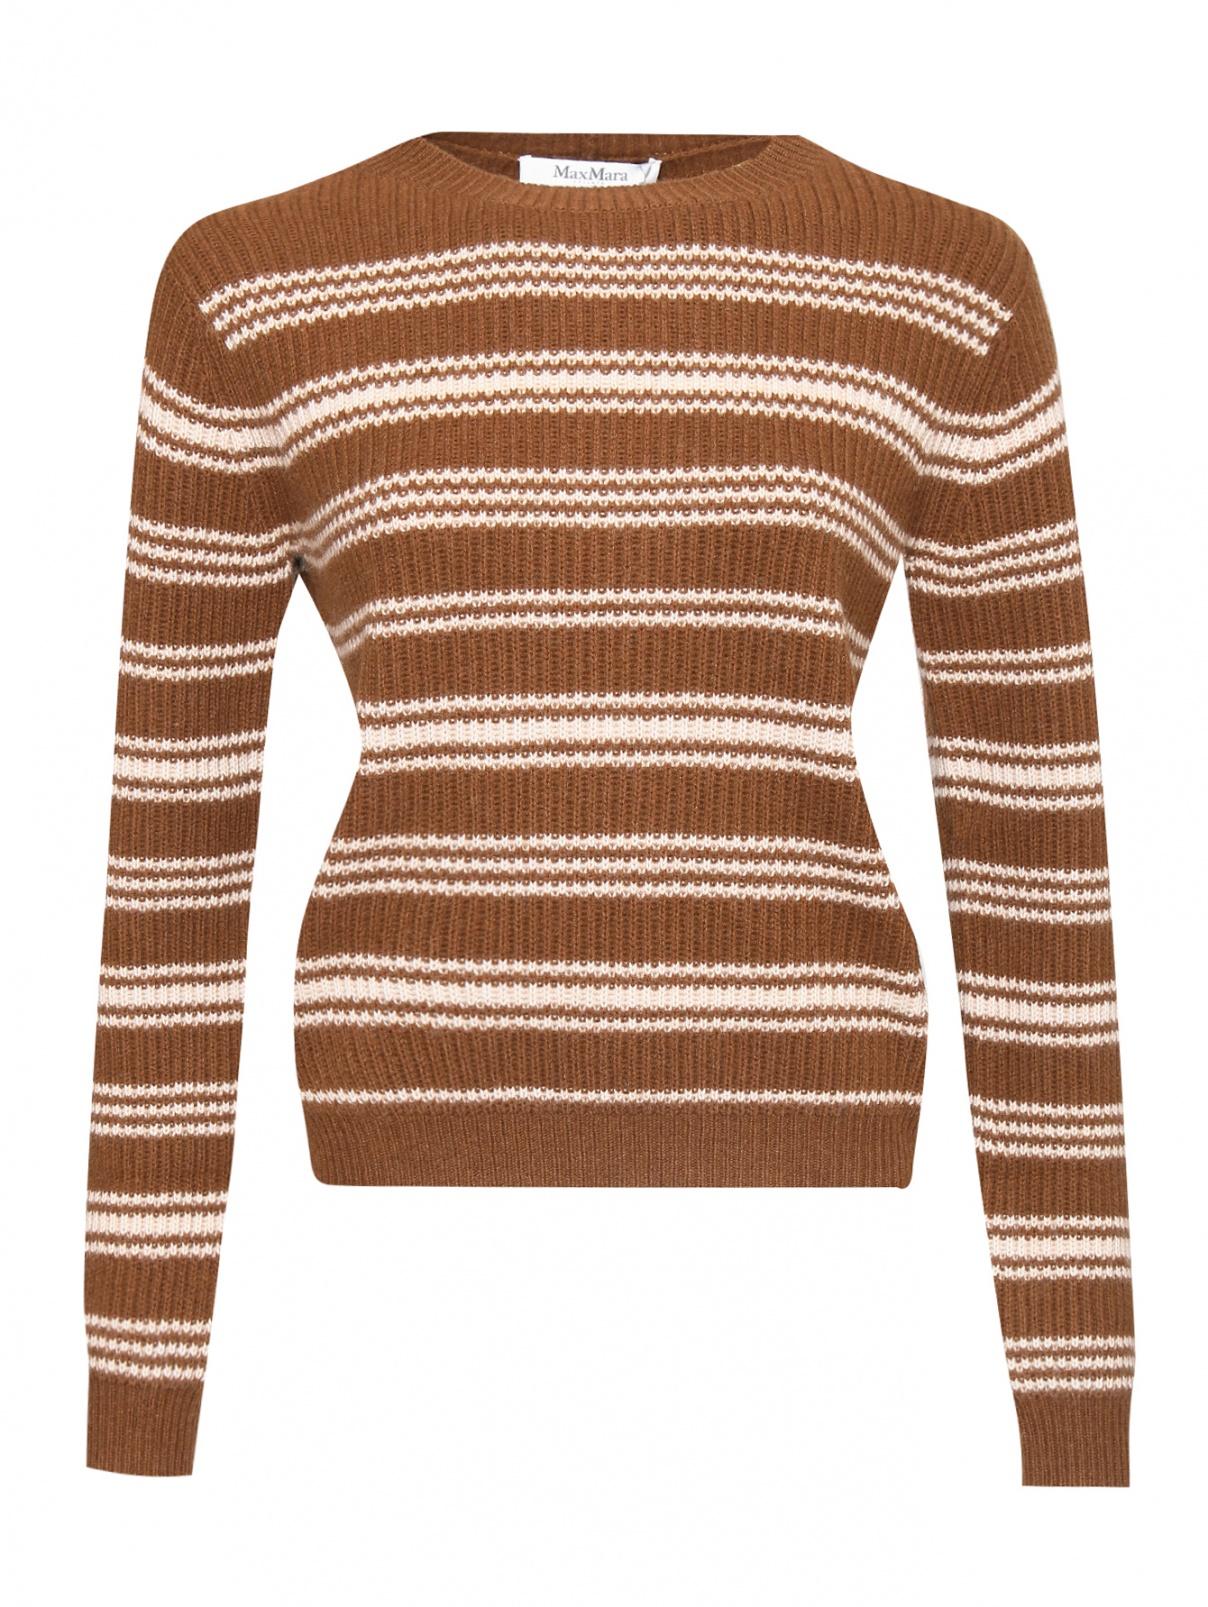 Джемпер из шерсти и кашемира в полоску Max Mara  –  Общий вид  – Цвет:  Коричневый